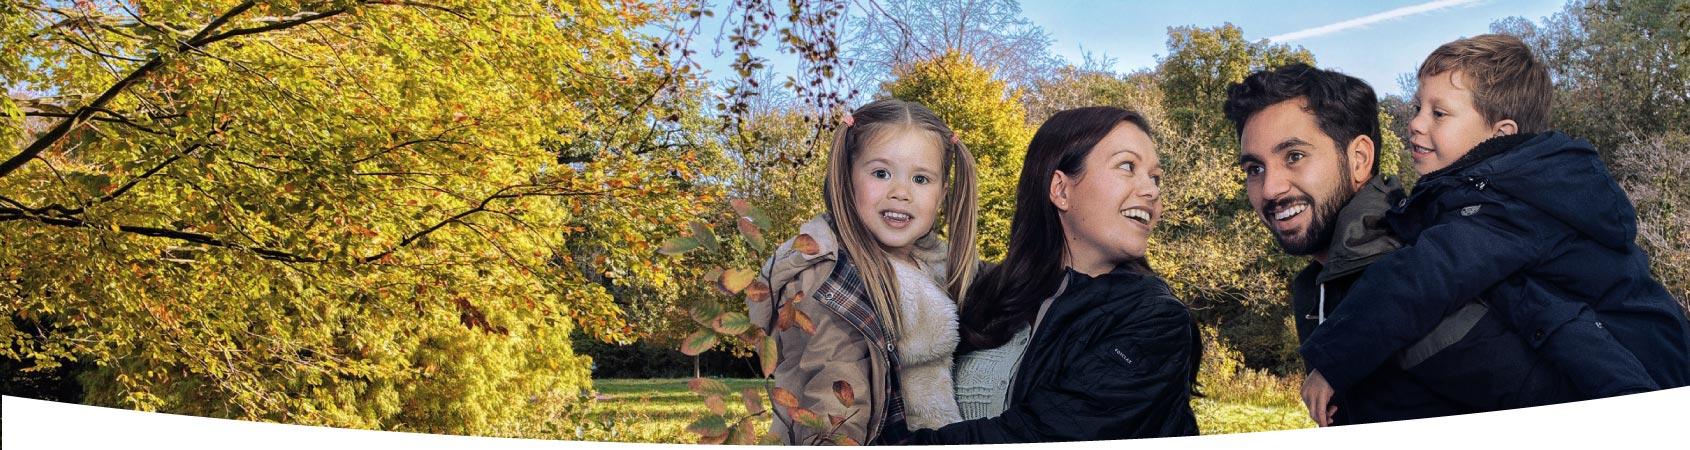 Gezin met twee kinderen in het bos in de herfst